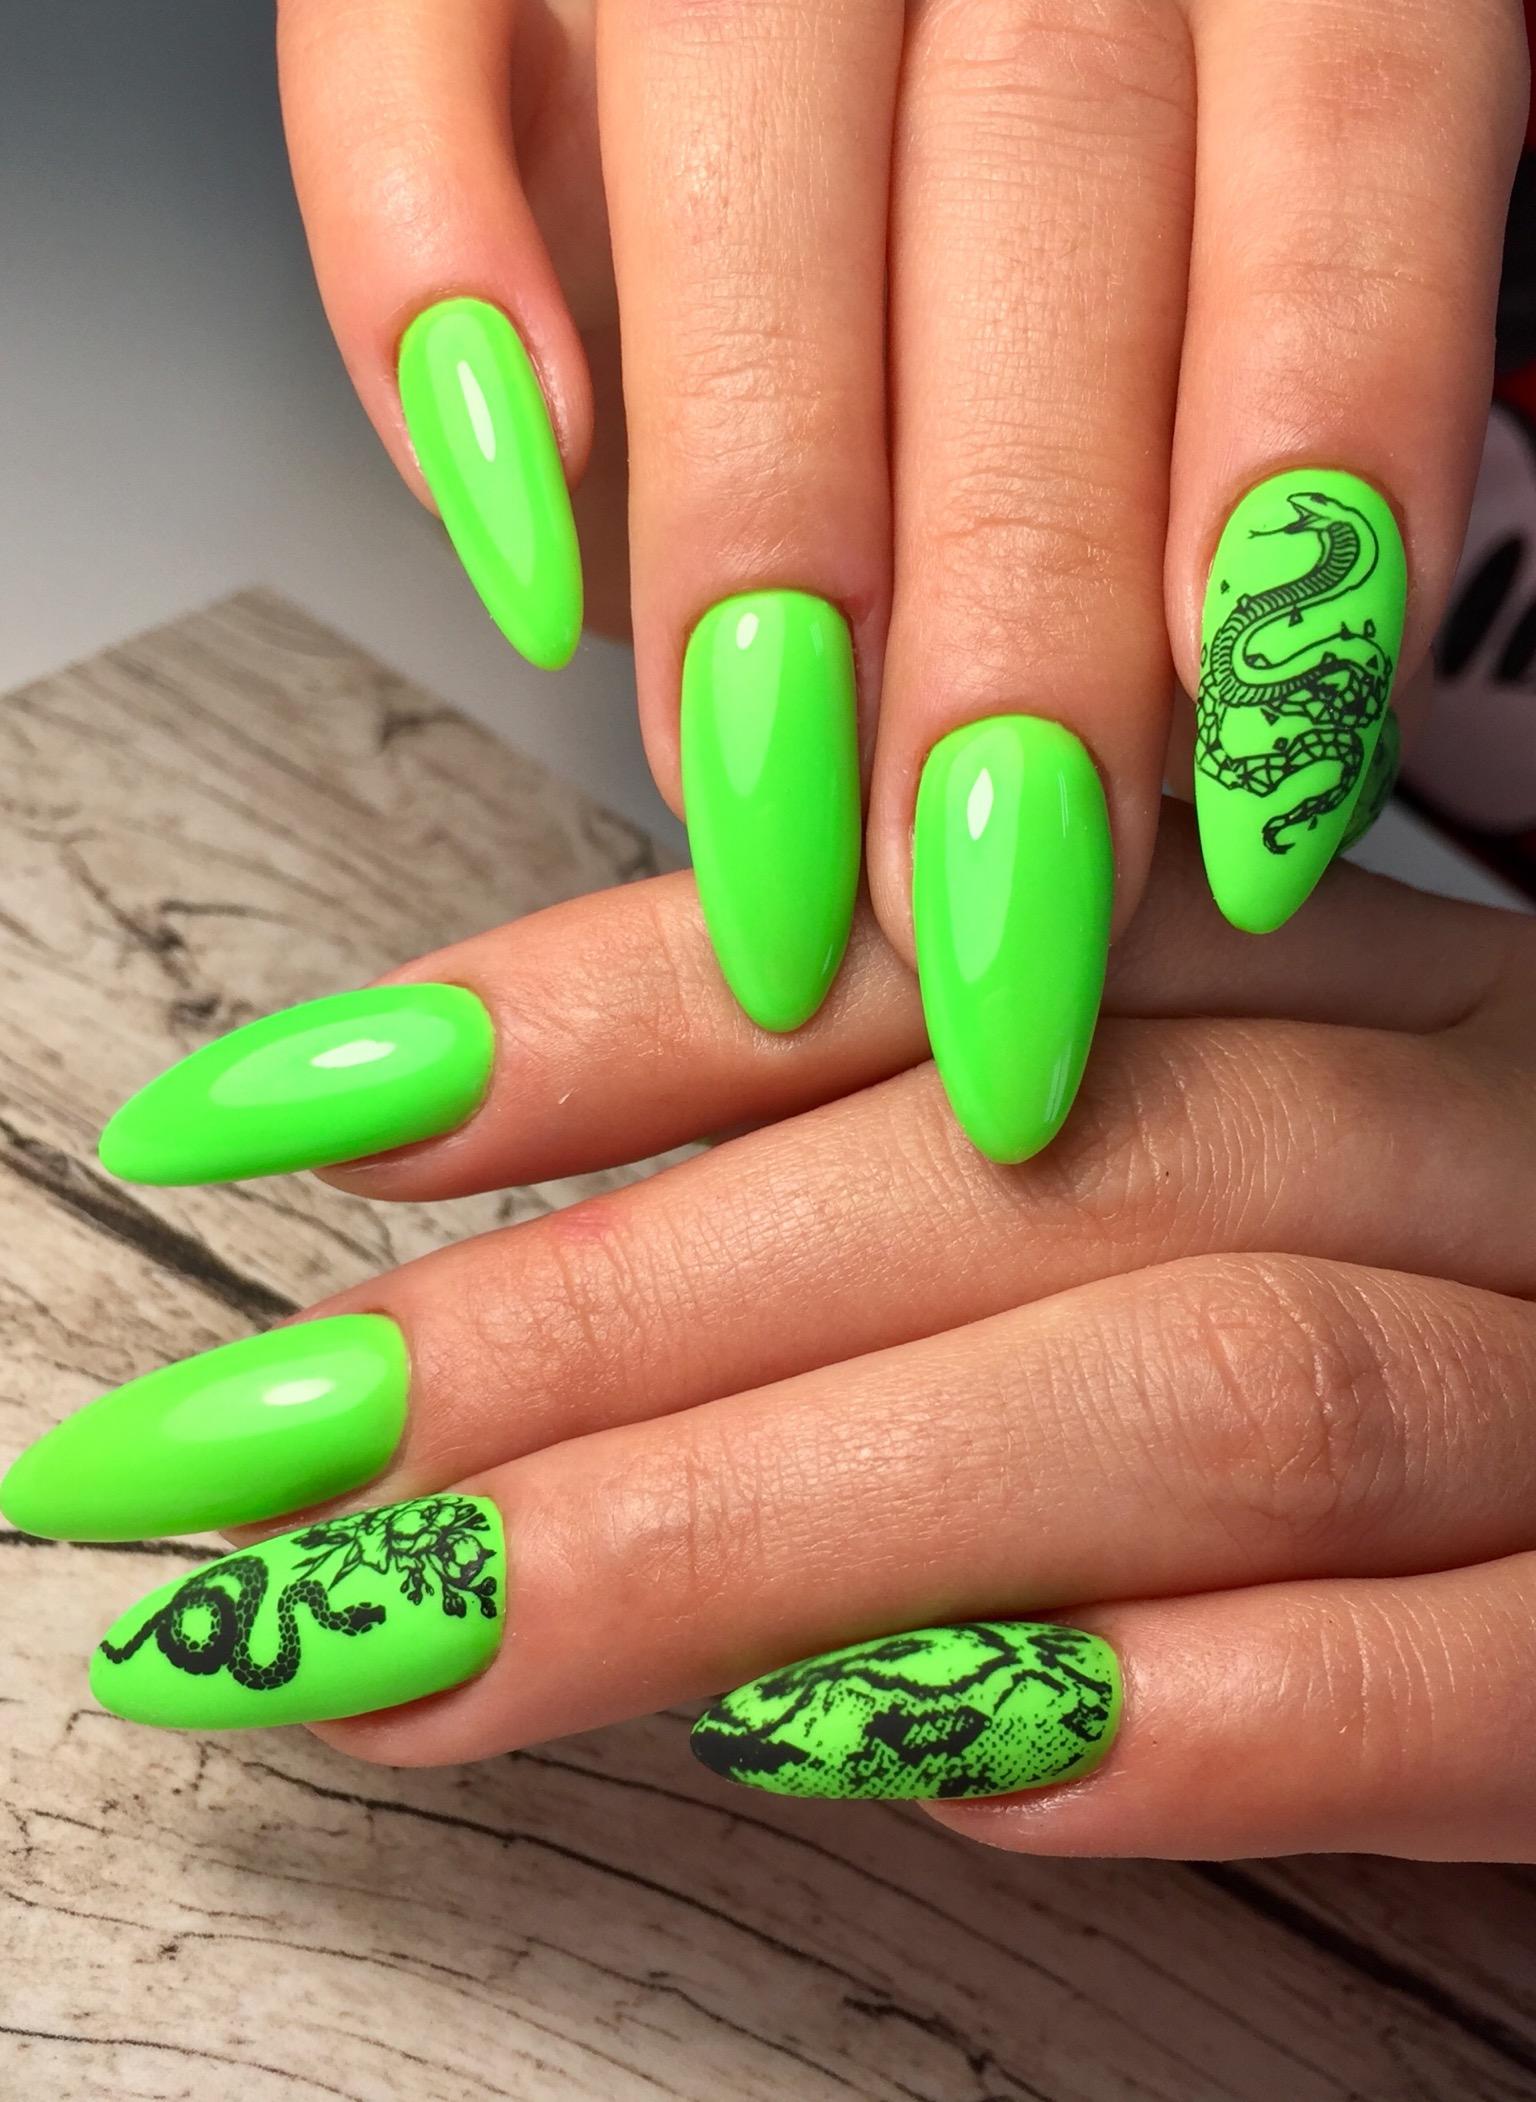 Маникюр со змеей в кислотном цвете на длинные ногти.